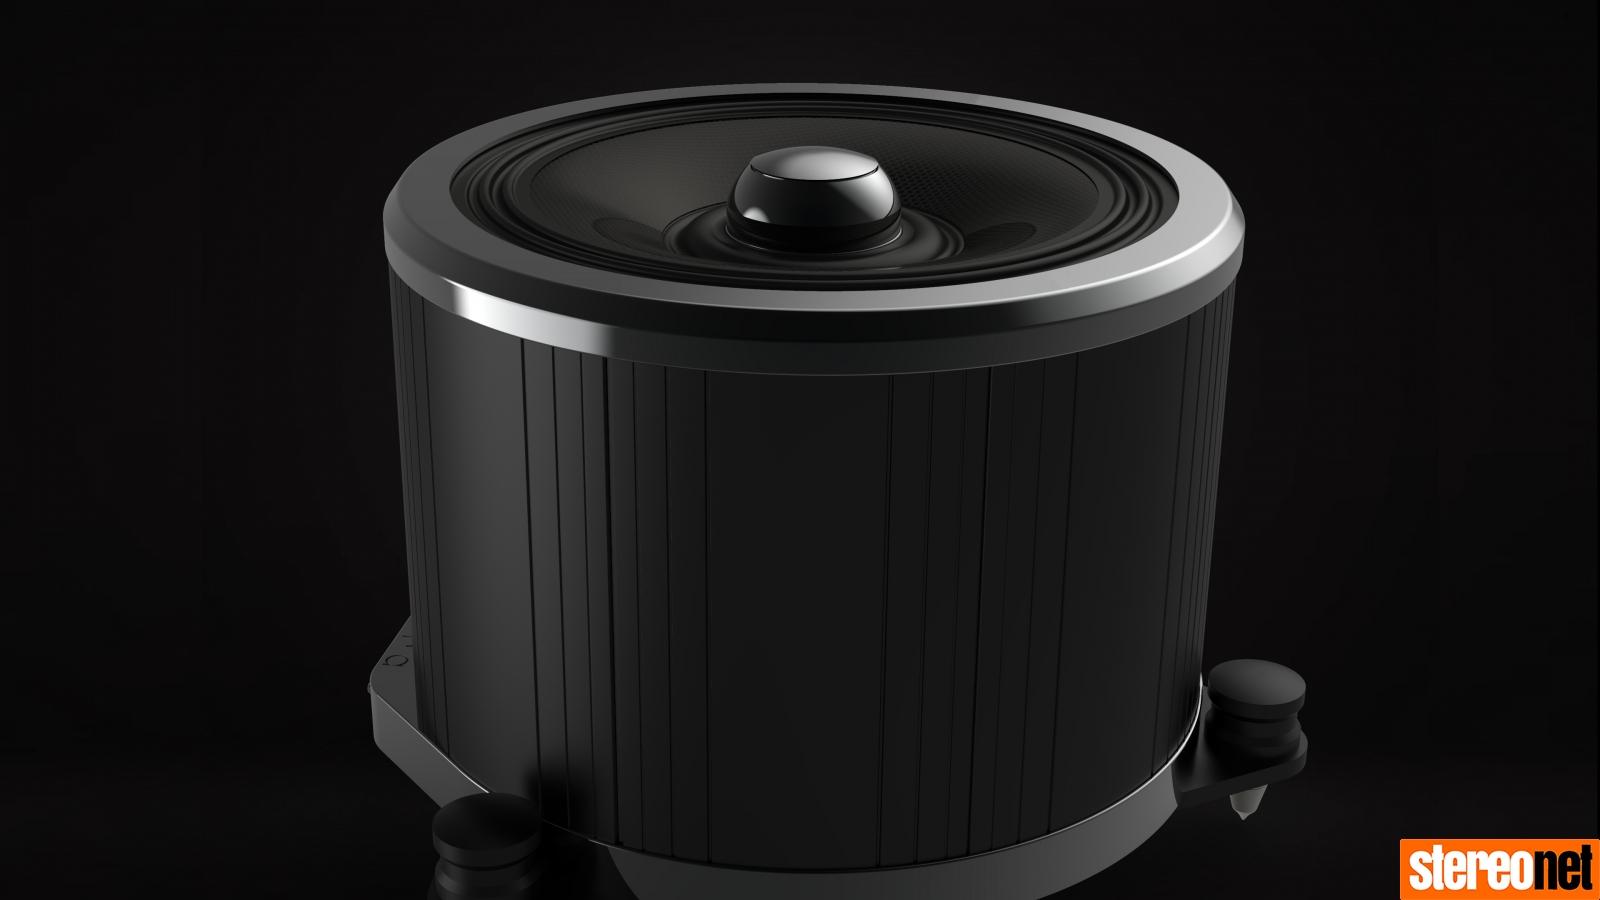 Wilson benesch Torus Infrasonic Generator 2021